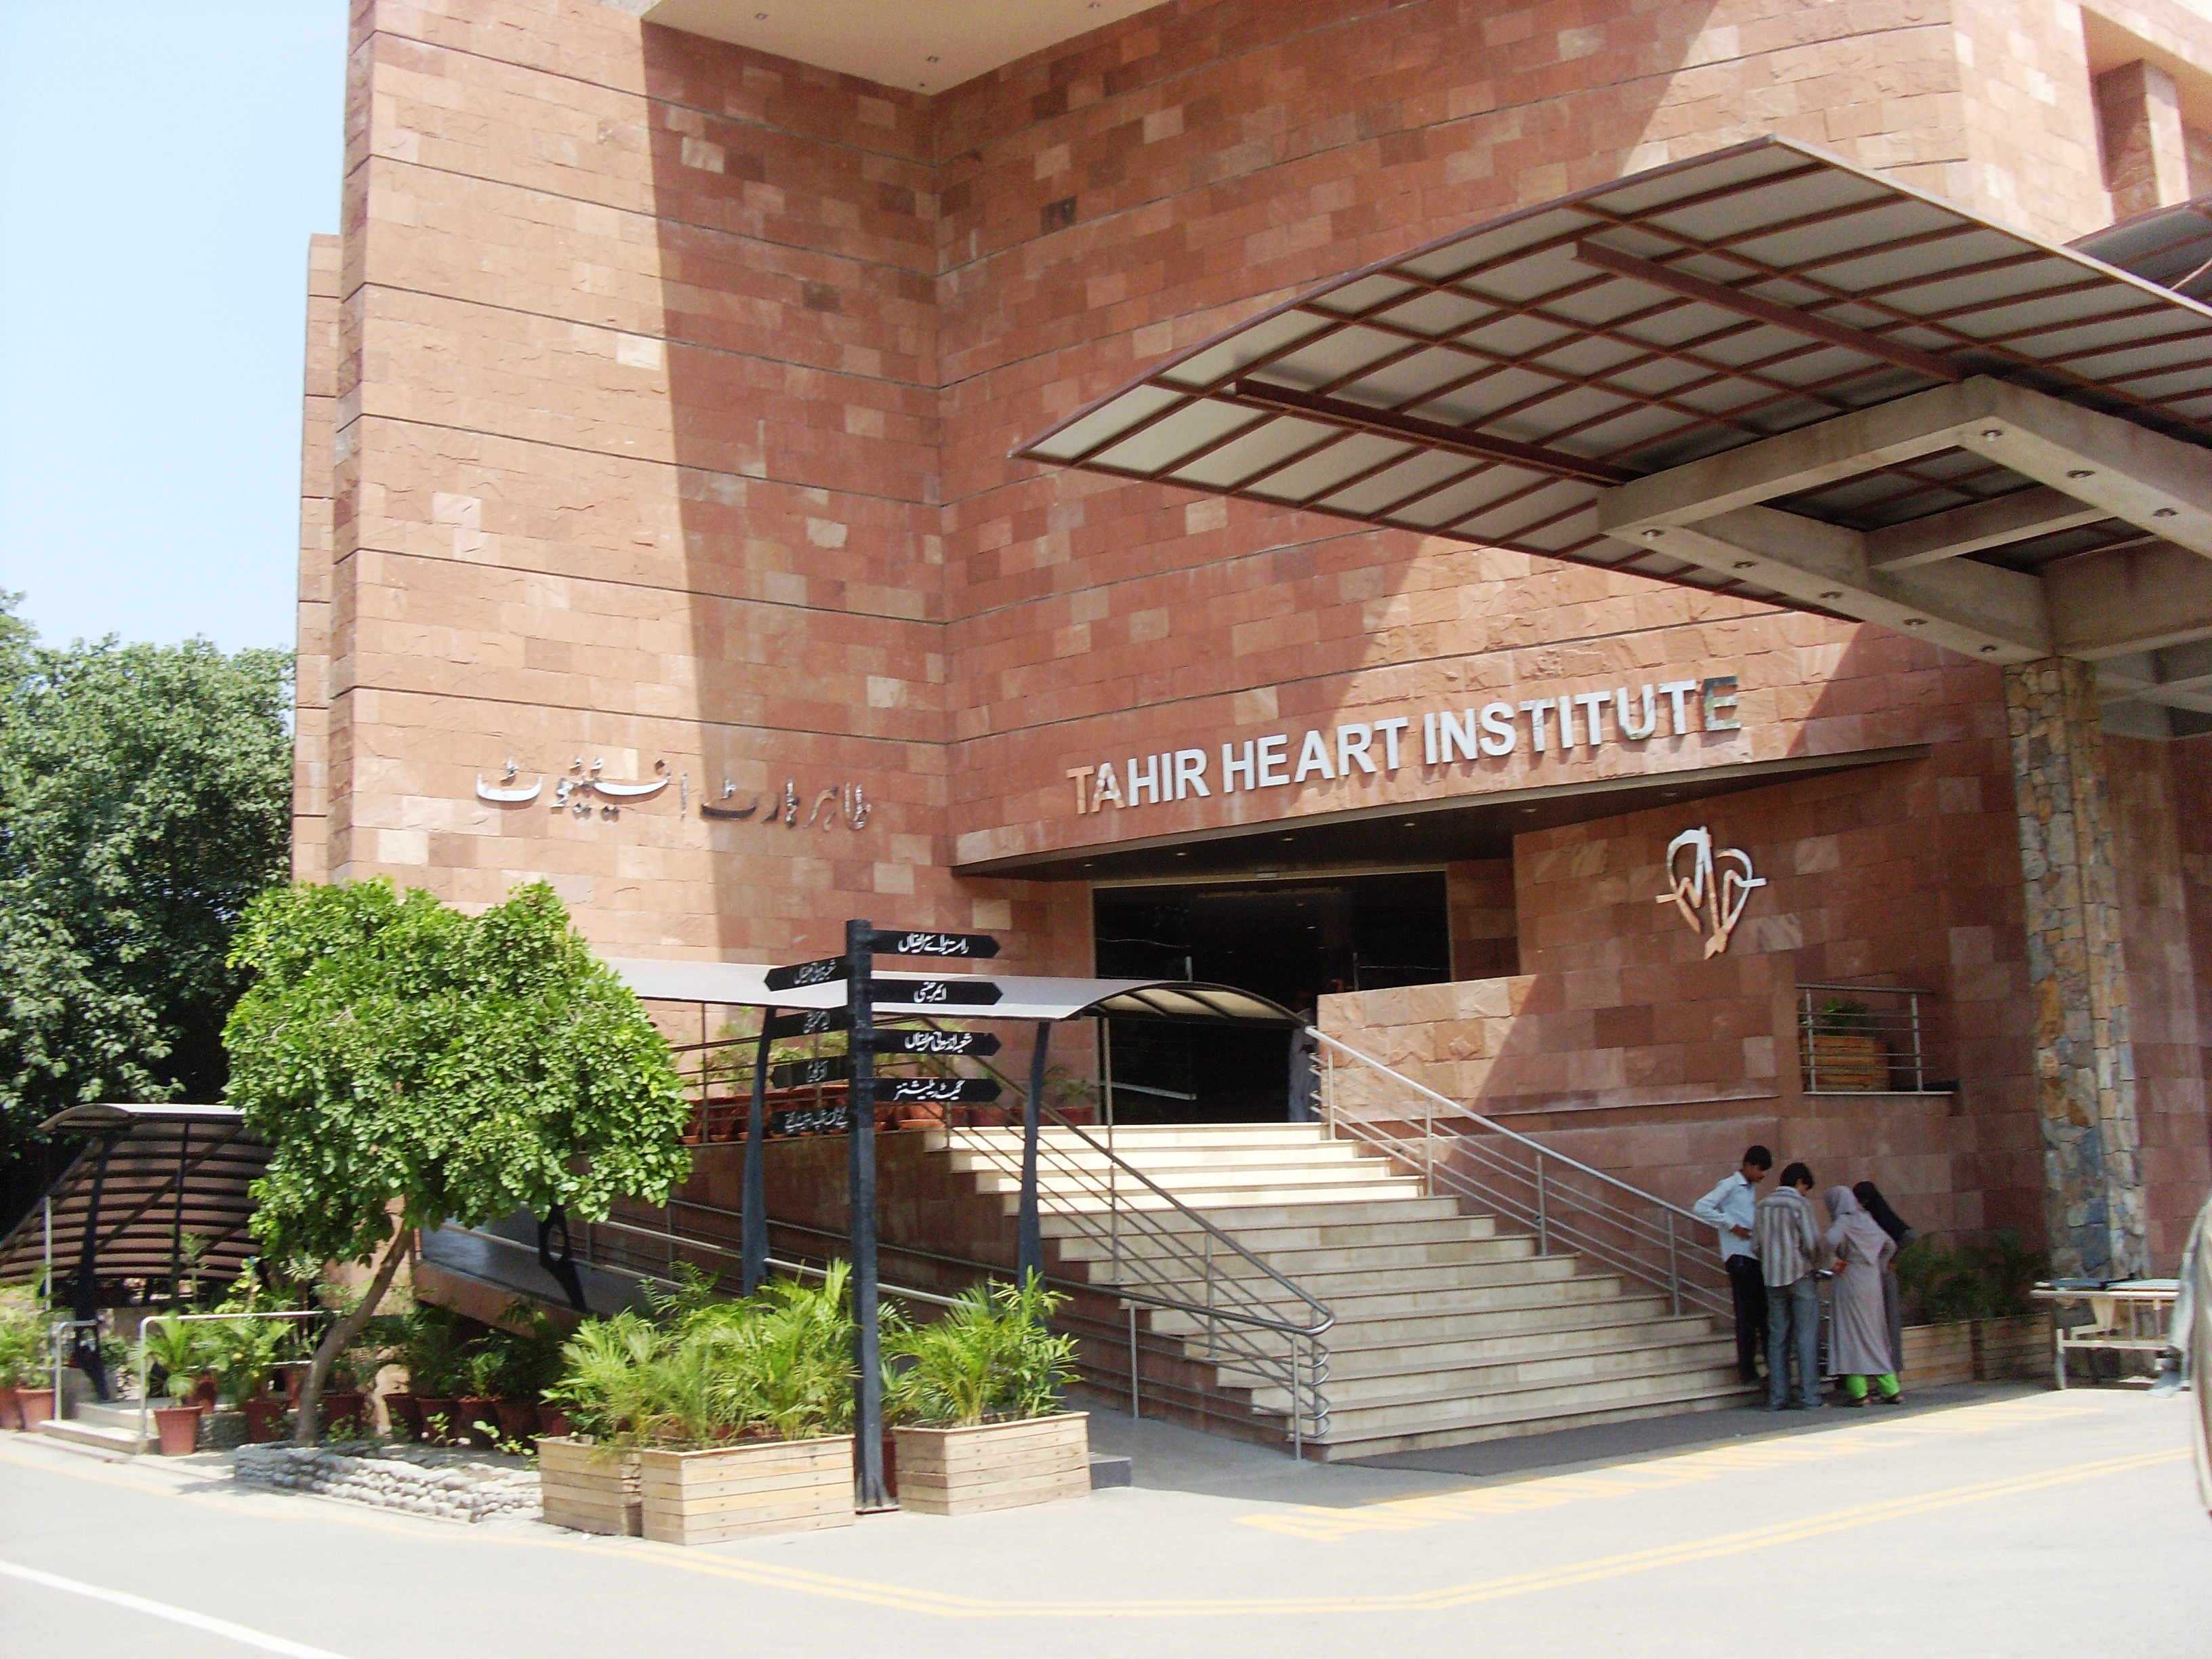 https://upload.wikimedia.org/wikipedia/commons/0/05/Tahir_Heart_Institute.JPG